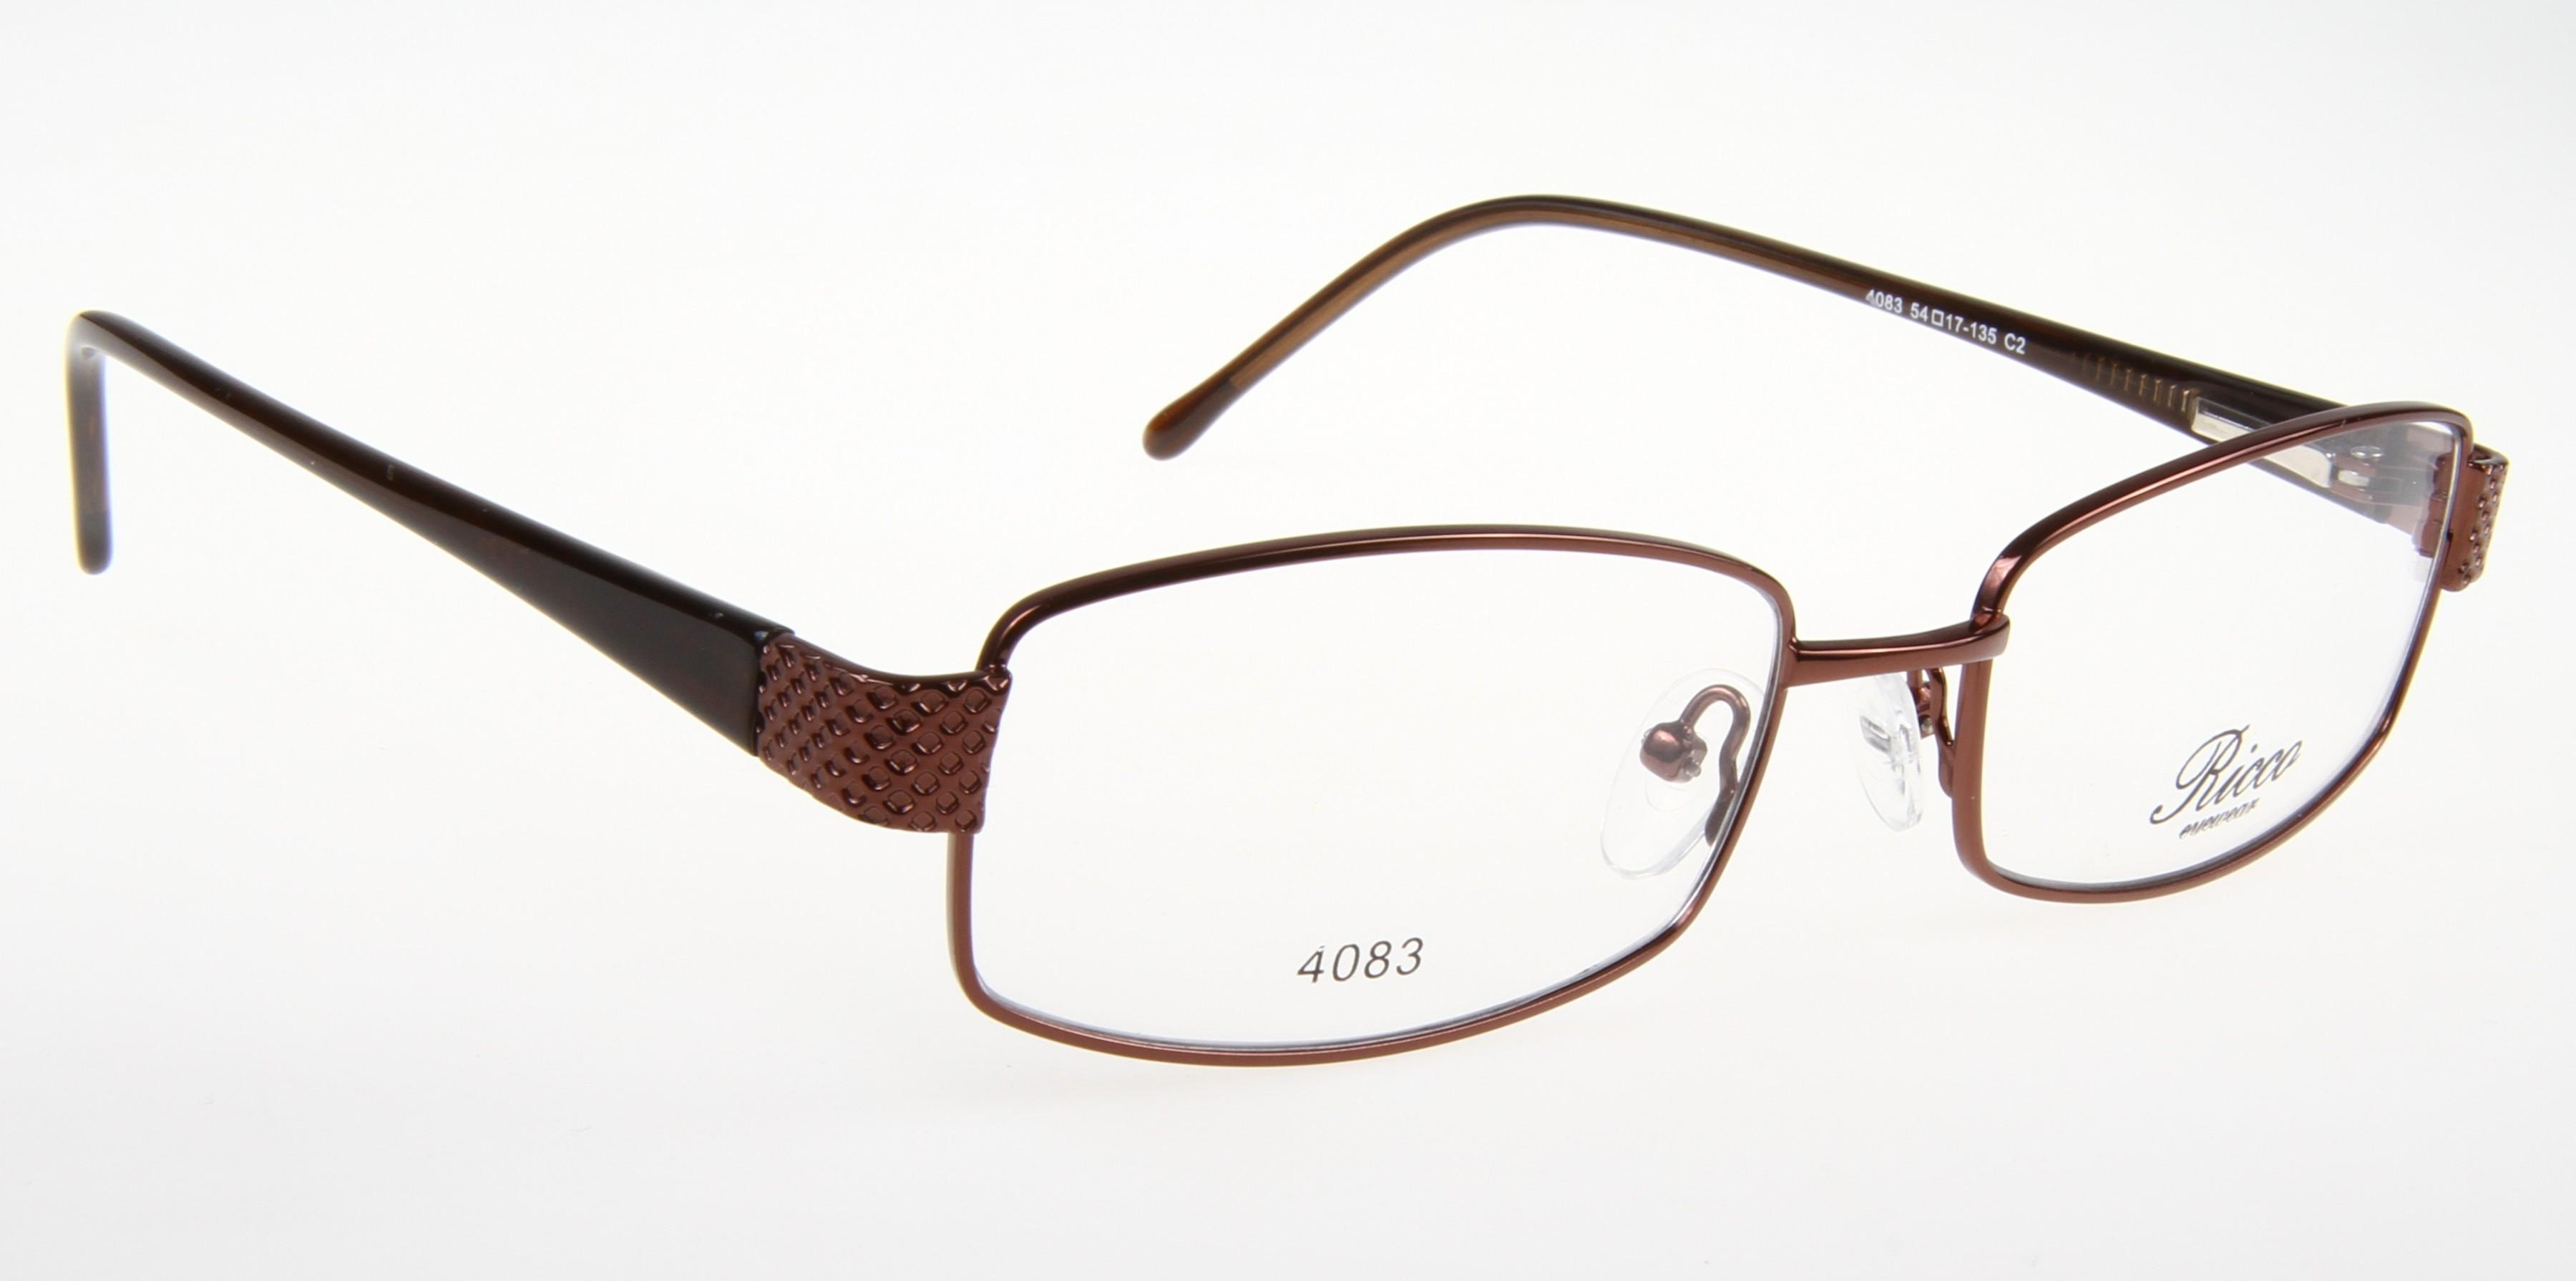 Oprawki okularowe Ricco 4083 C2 - brązowe